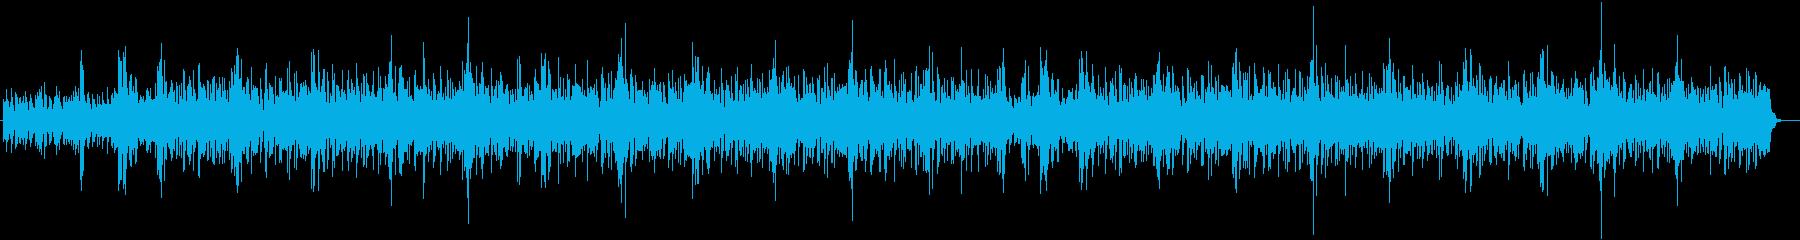 涼しげなシンセサイザー系サウンドの再生済みの波形